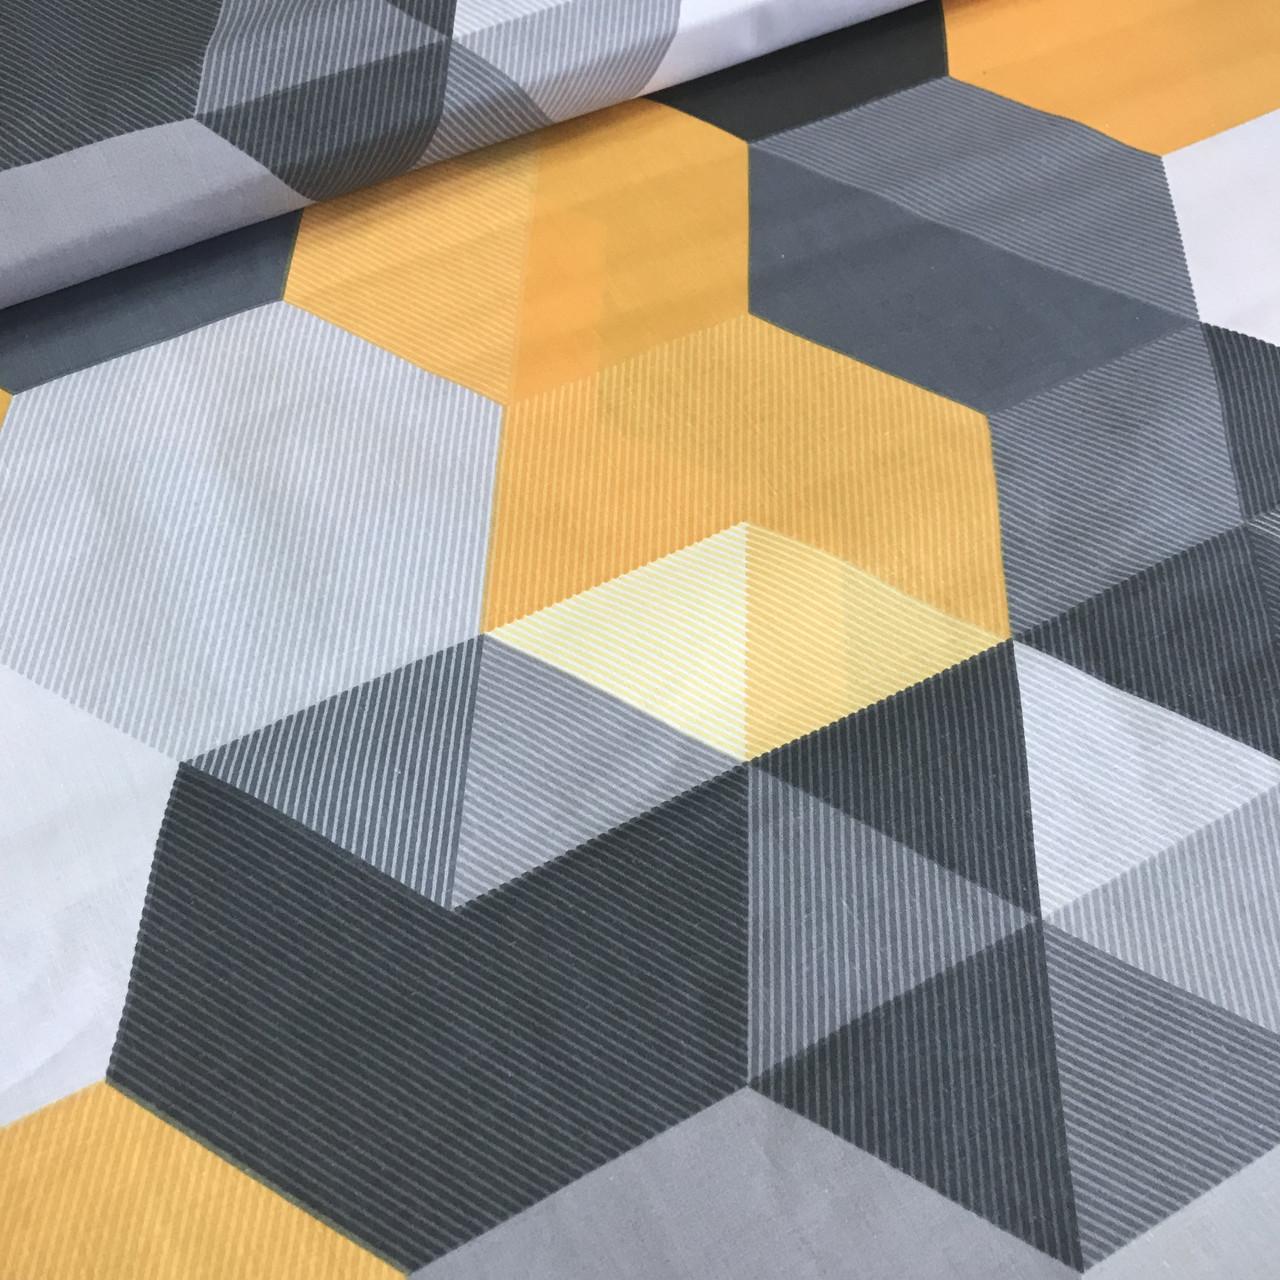 Хлопковая детская бязь польская треугольники и ромбы желтые, серые, черные